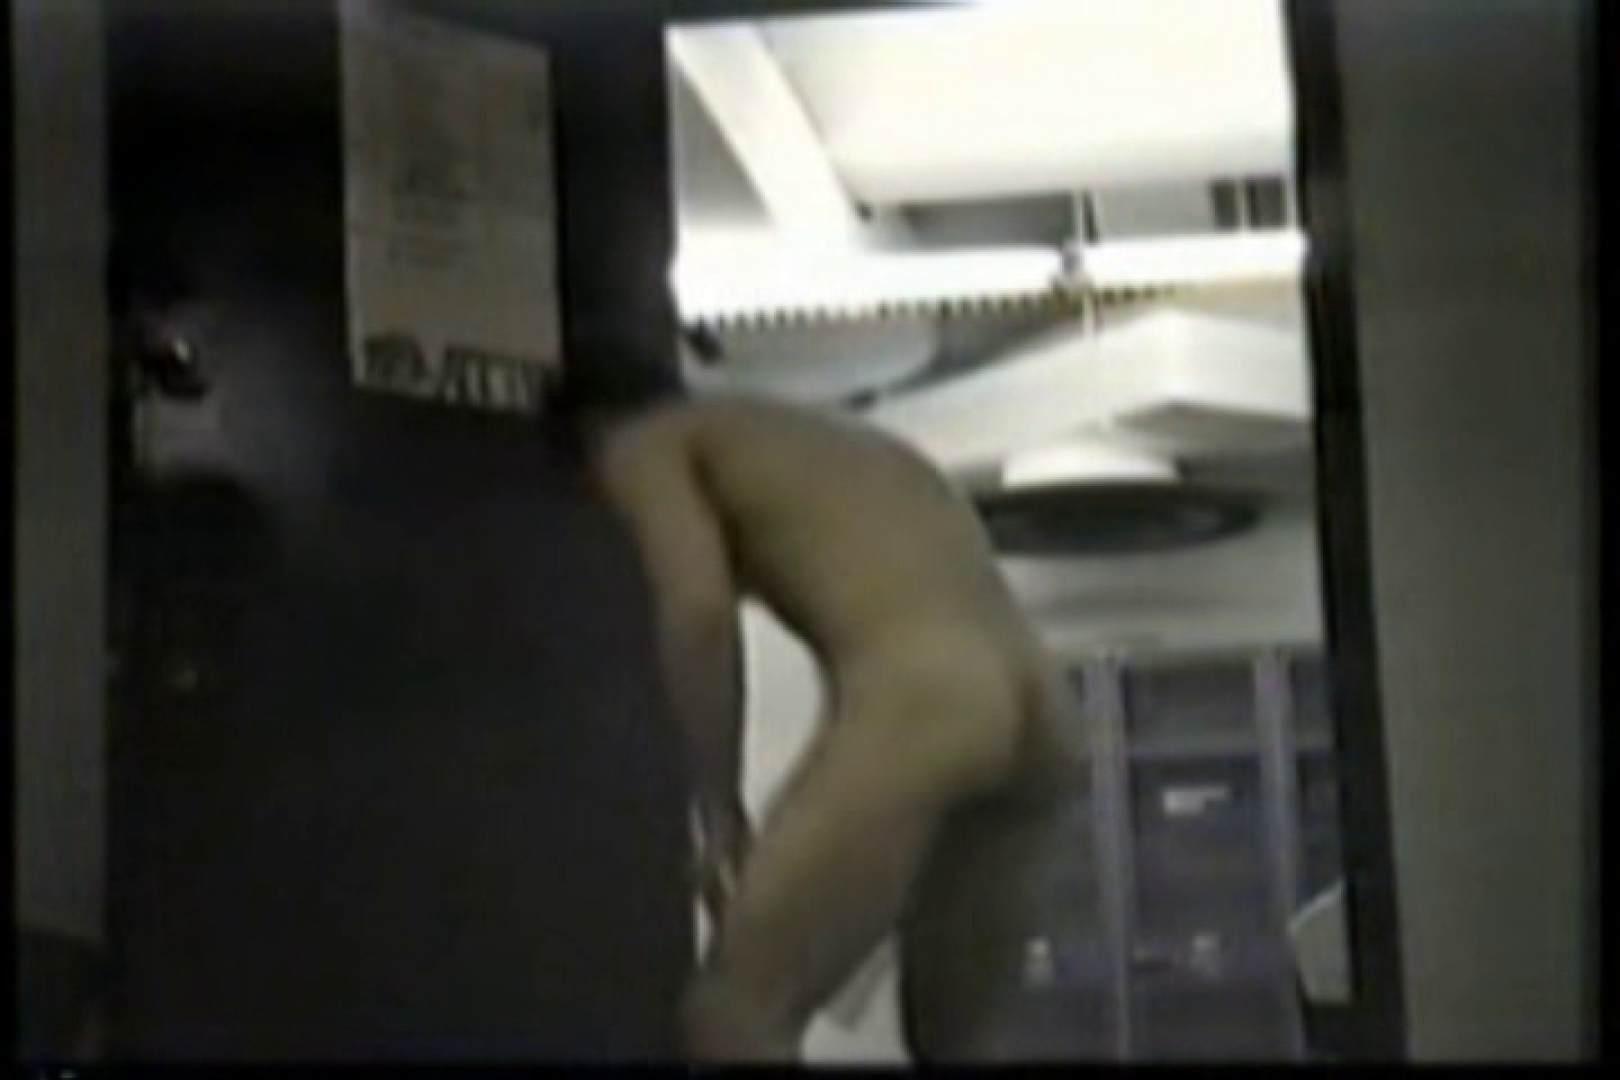 洋人さんの脱衣所を覗いてみました。VOL.7 完全無修正でお届け | ガチムチマッチョ系  95pic 15